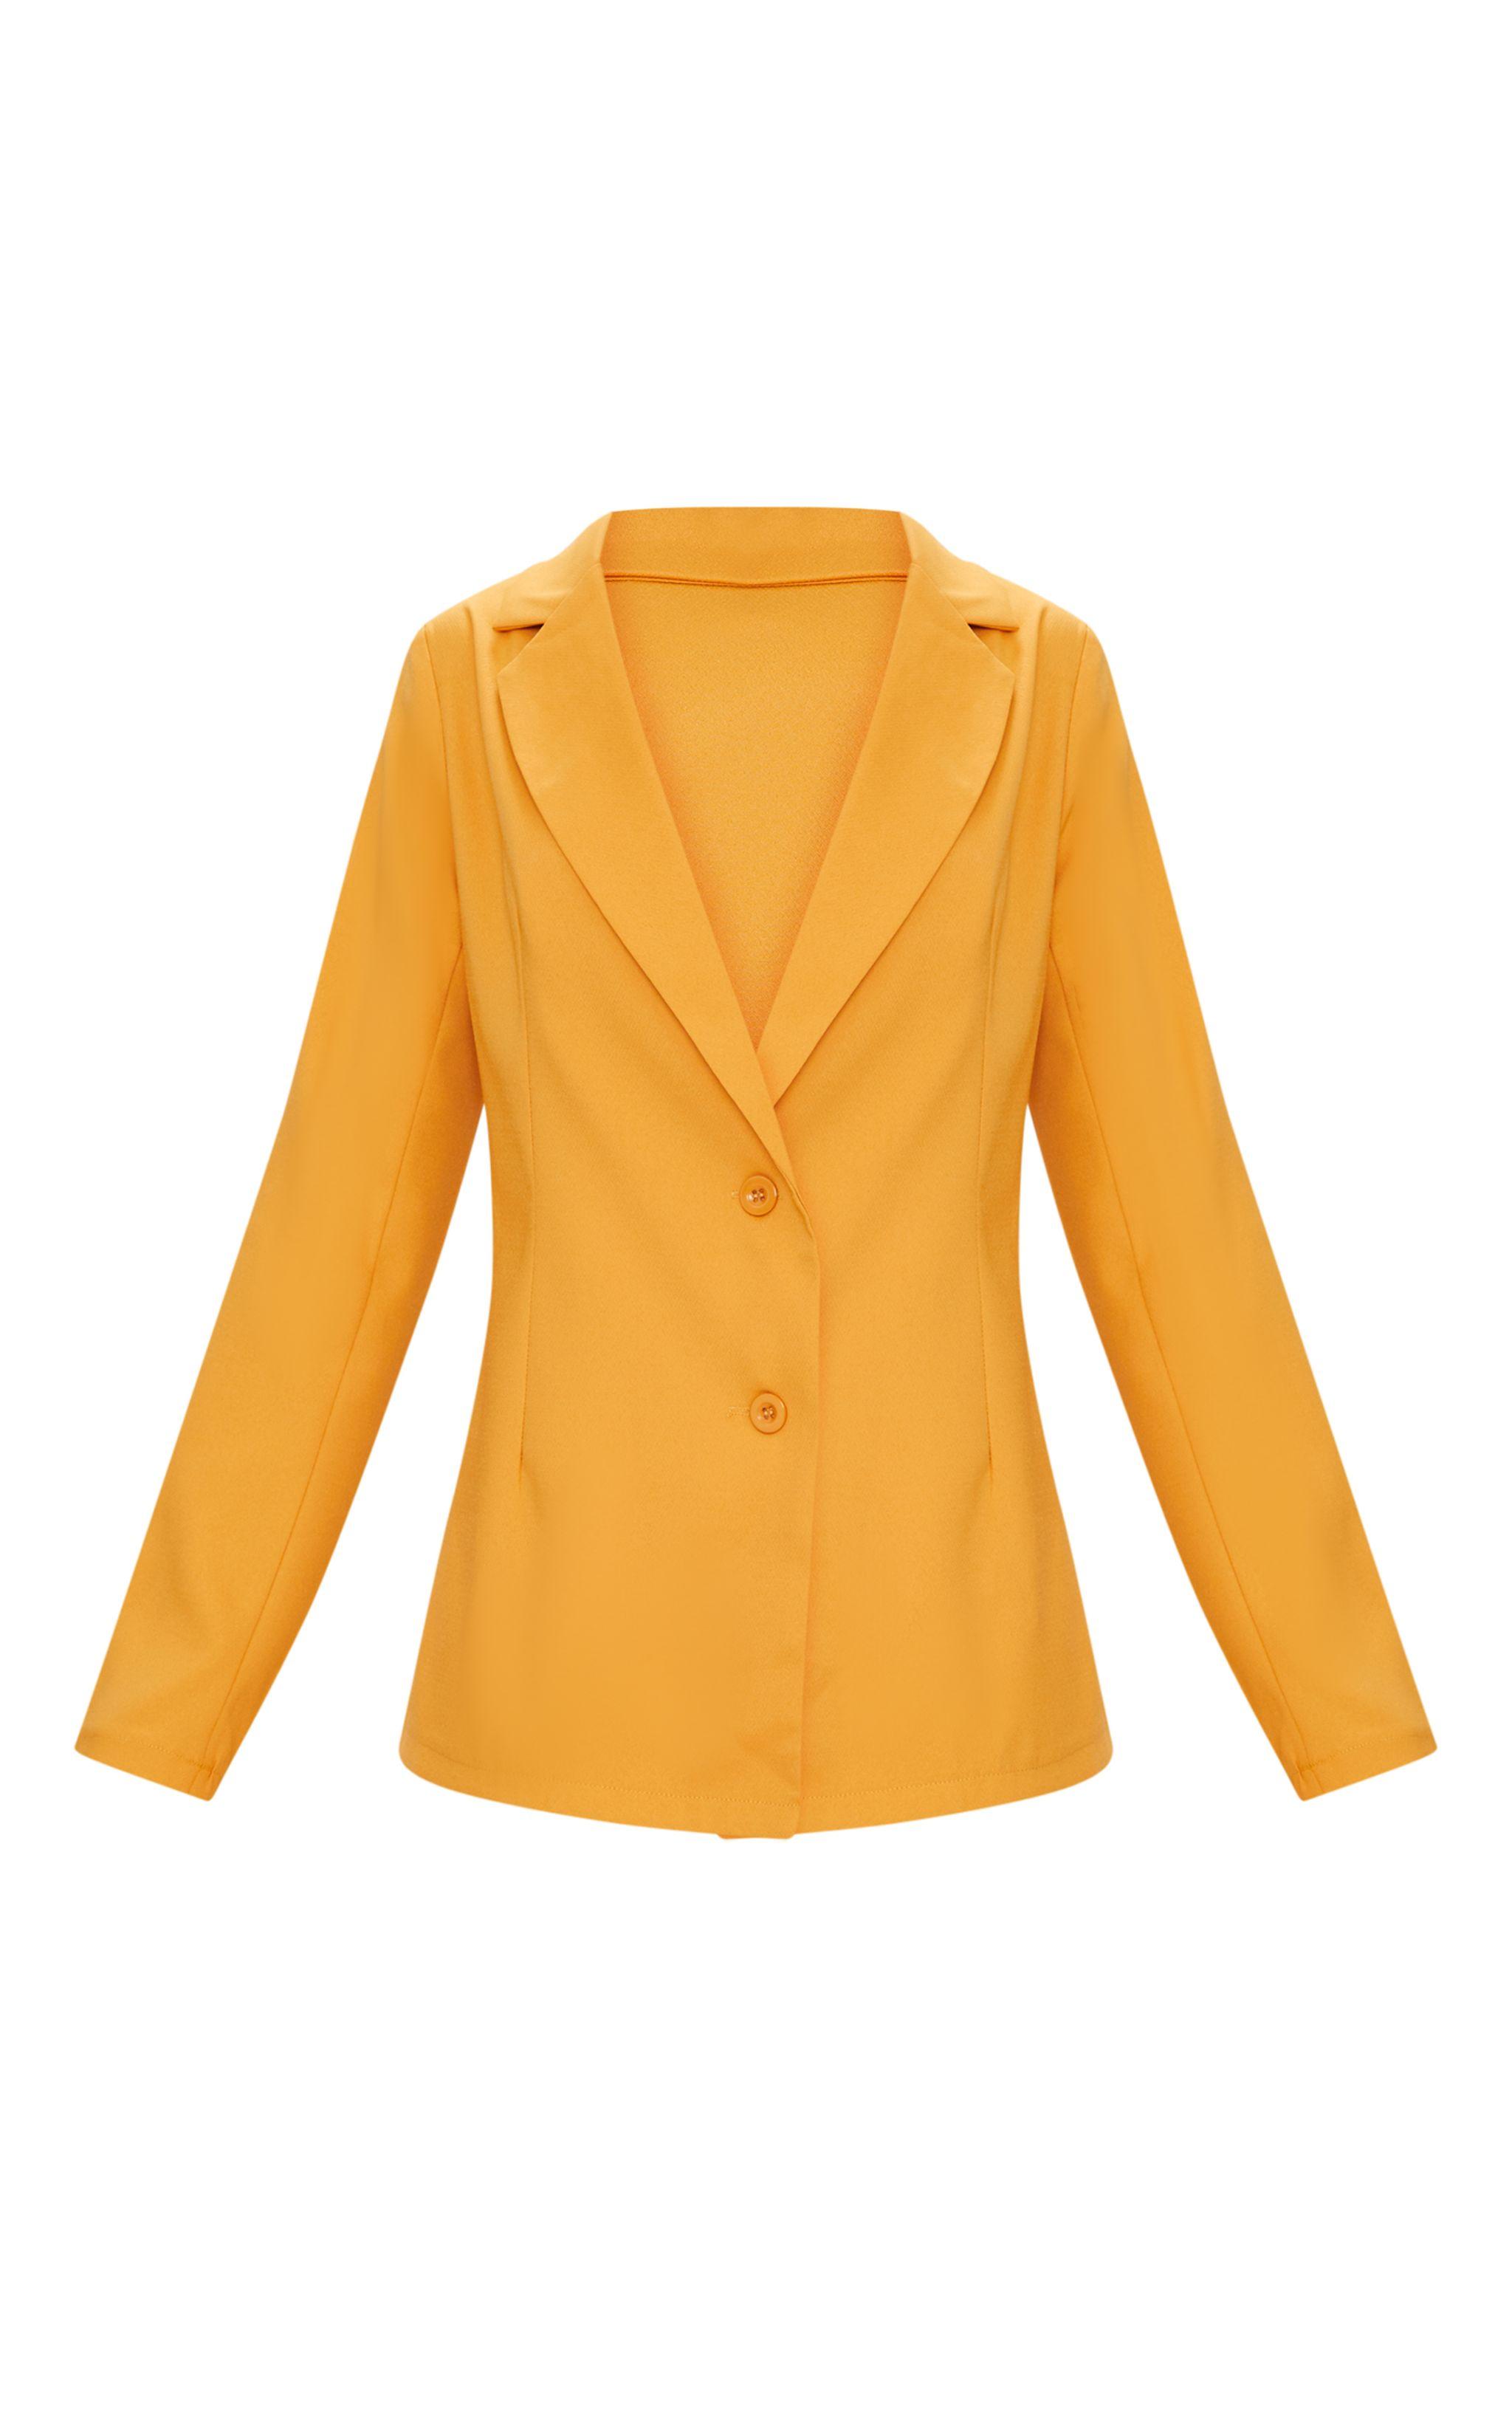 Blazer long oversized moutarde manteaux et vestes - Blazer jaune moutarde ...